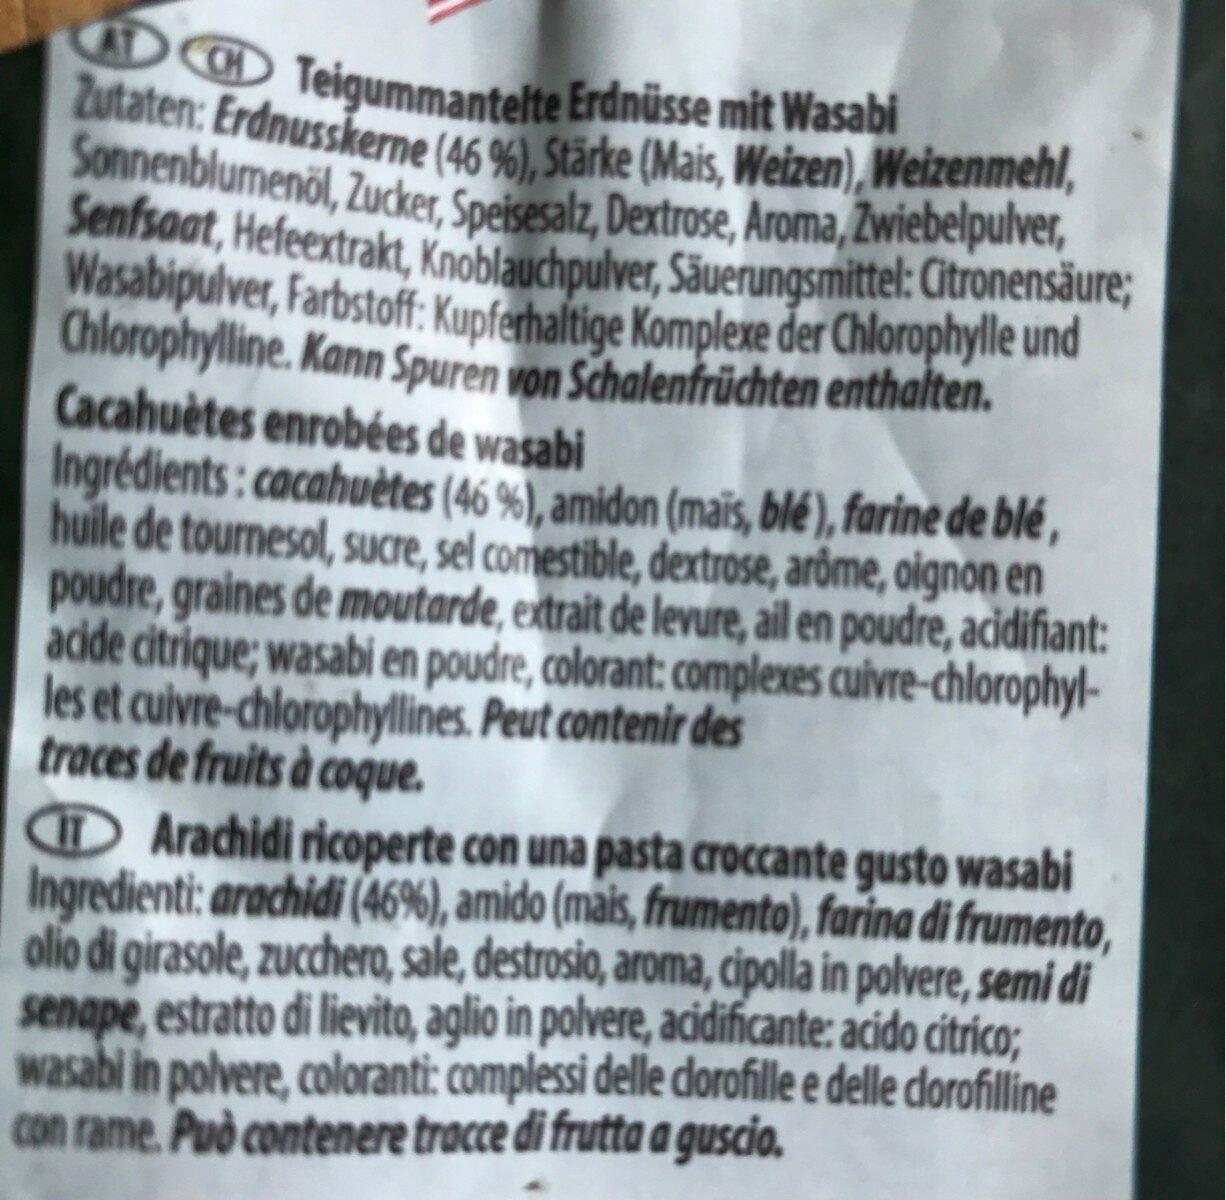 Cacahuètes enrobées de Wasabi - Ingredients